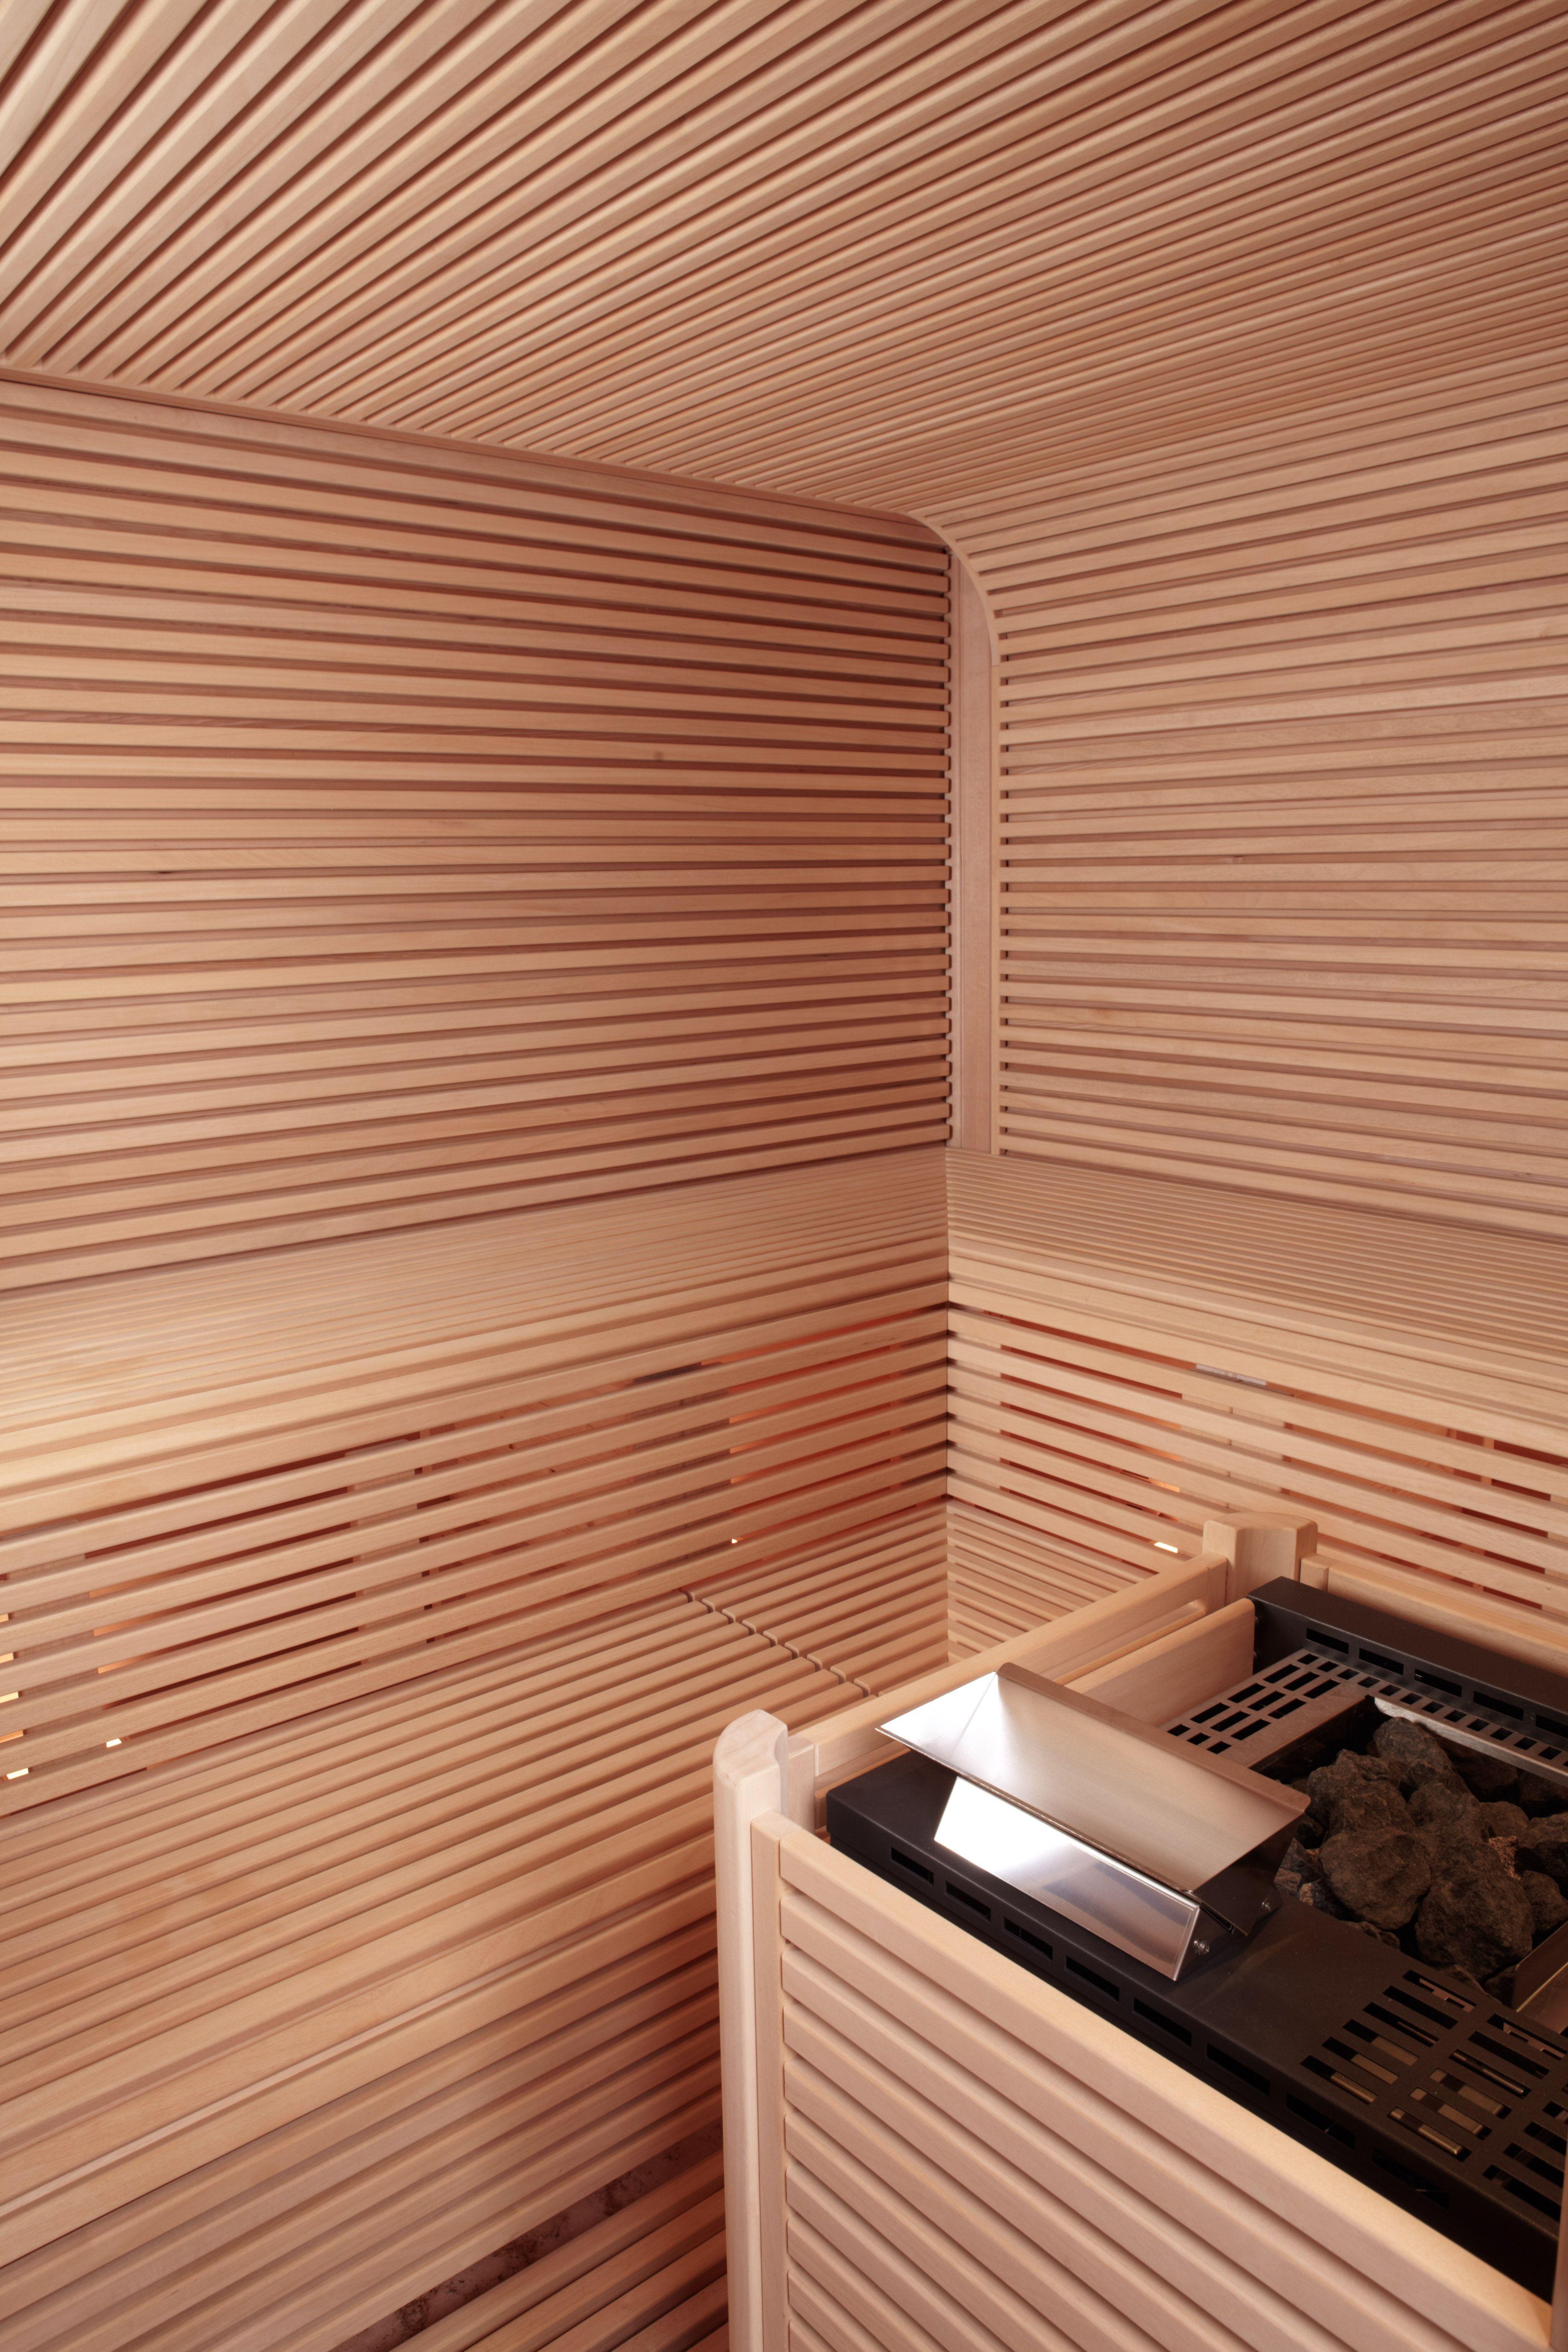 Schmale leisten erdmann sauna erdmannsaunabau erdmannexklusivesaunen wellness spa - Sauna architektur ...